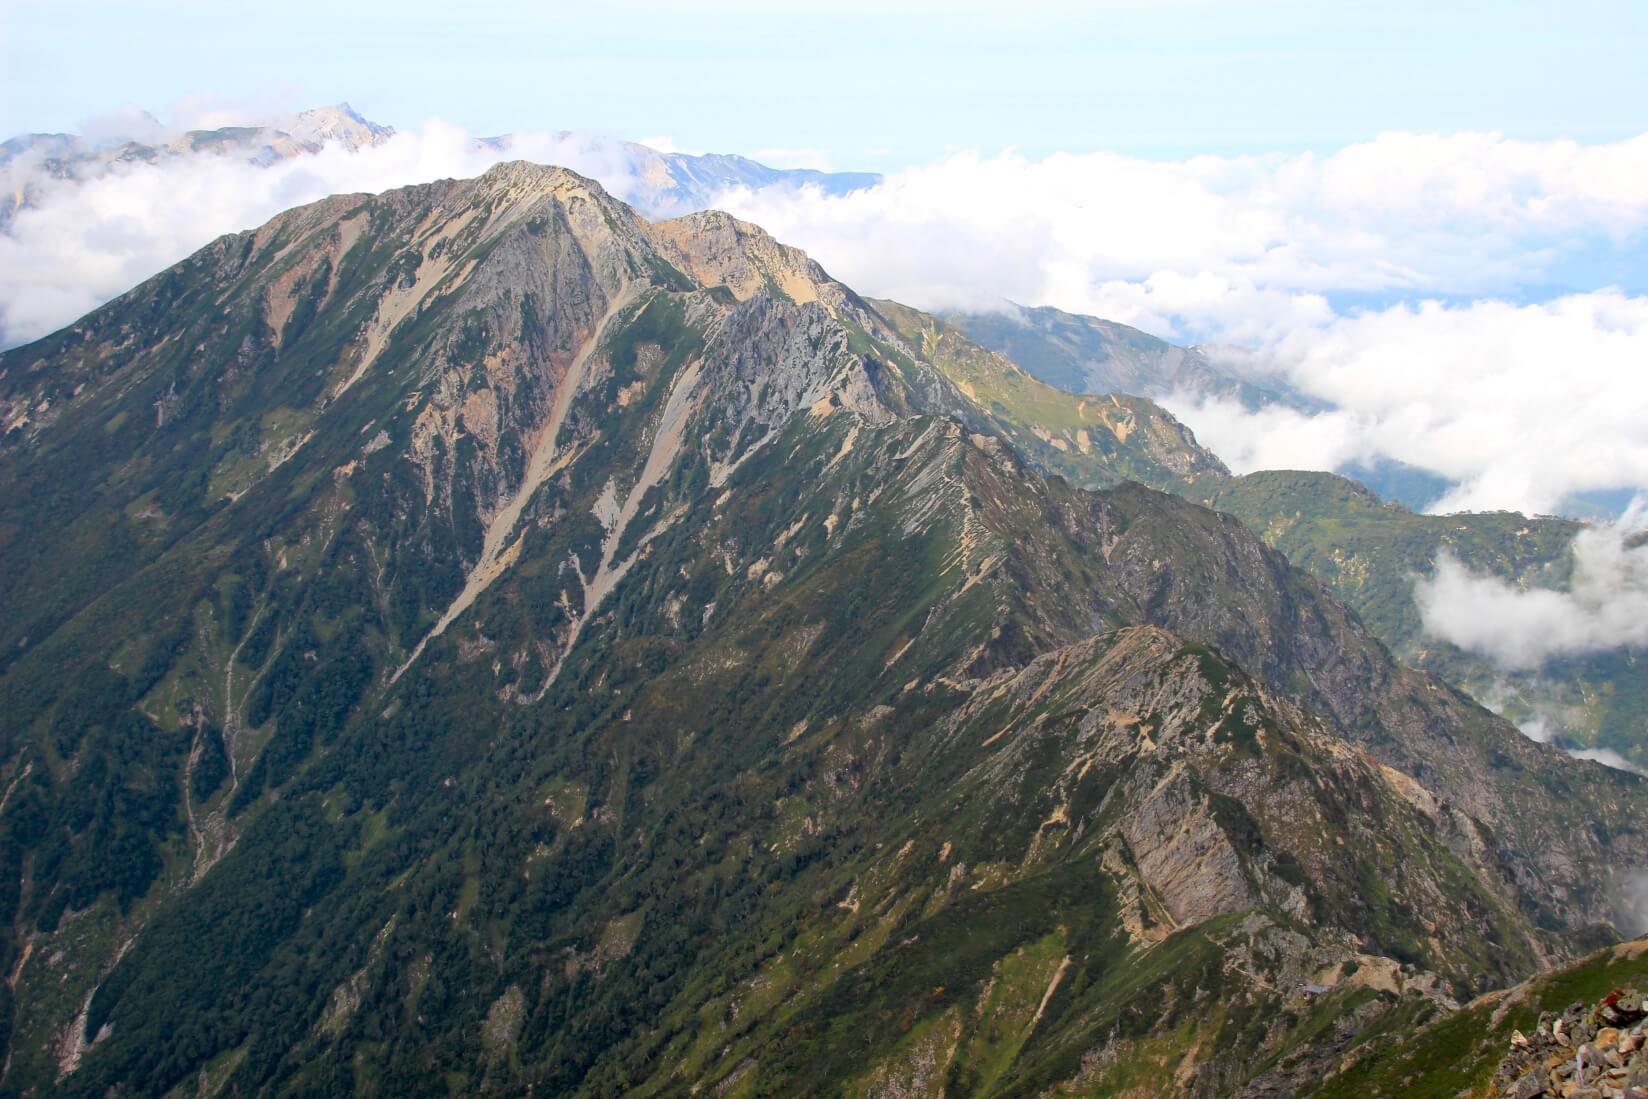 鹿島槍ヶ岳から八峰キレット方向